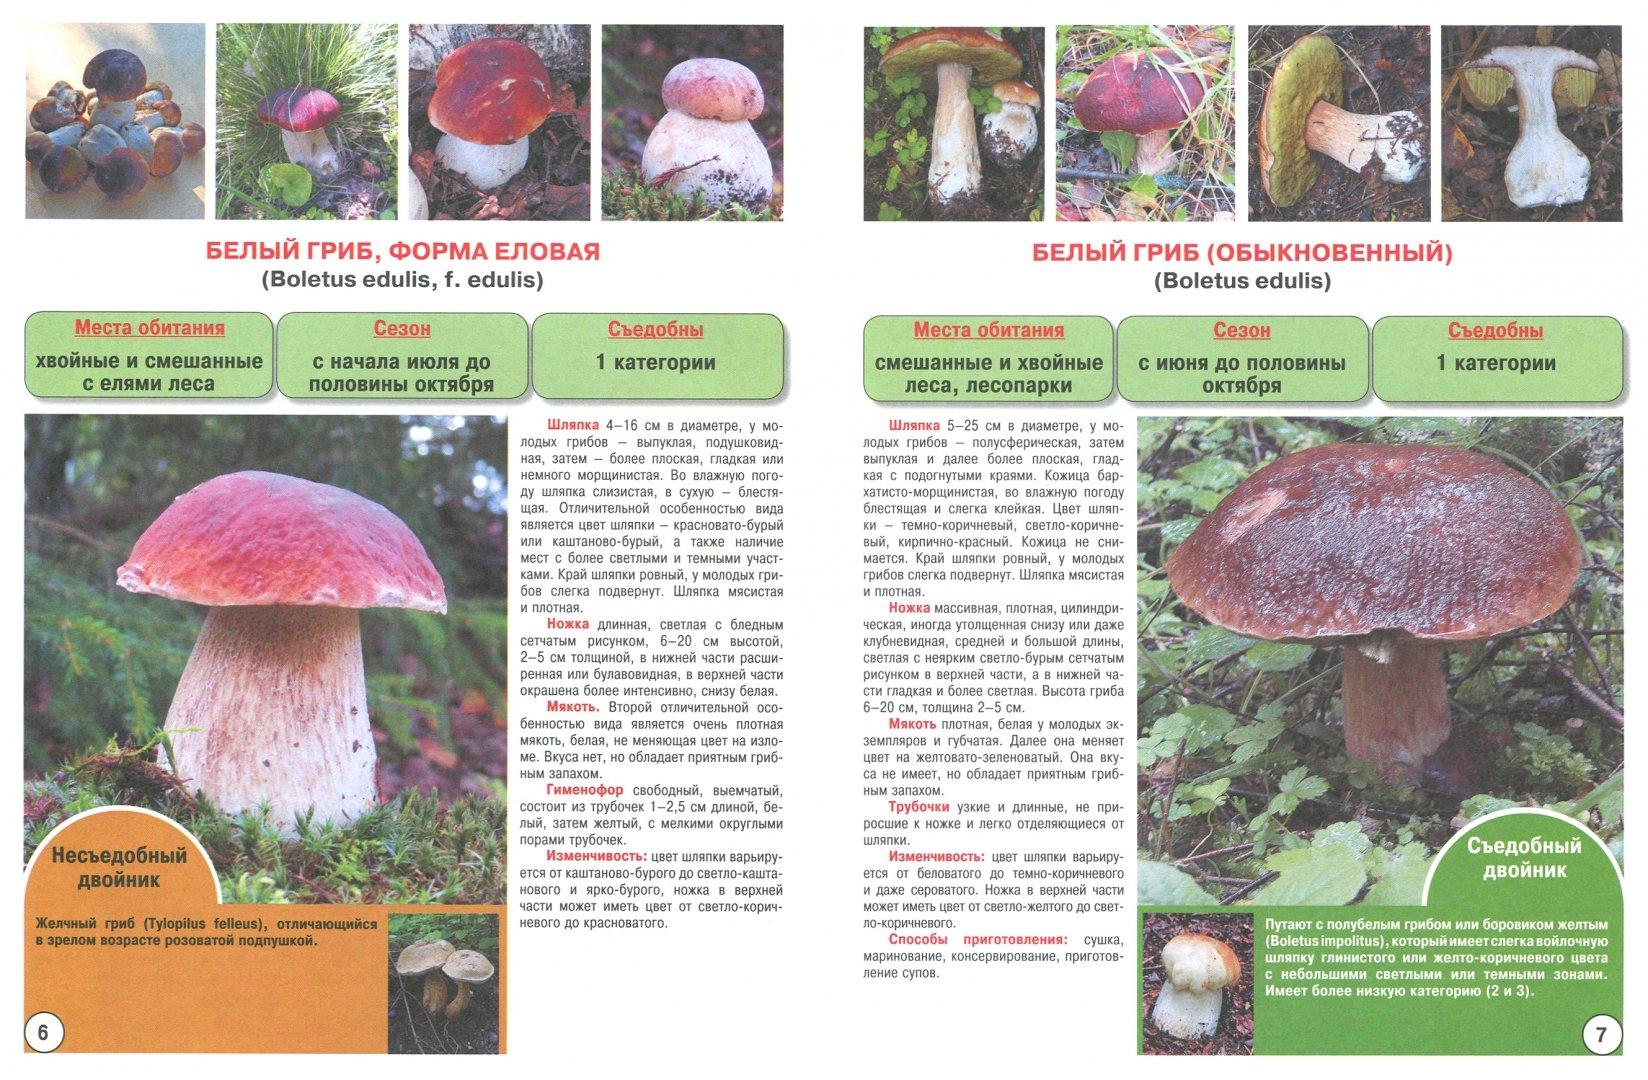 всего грибы с картинками фото грибов с названиями описание информация фото